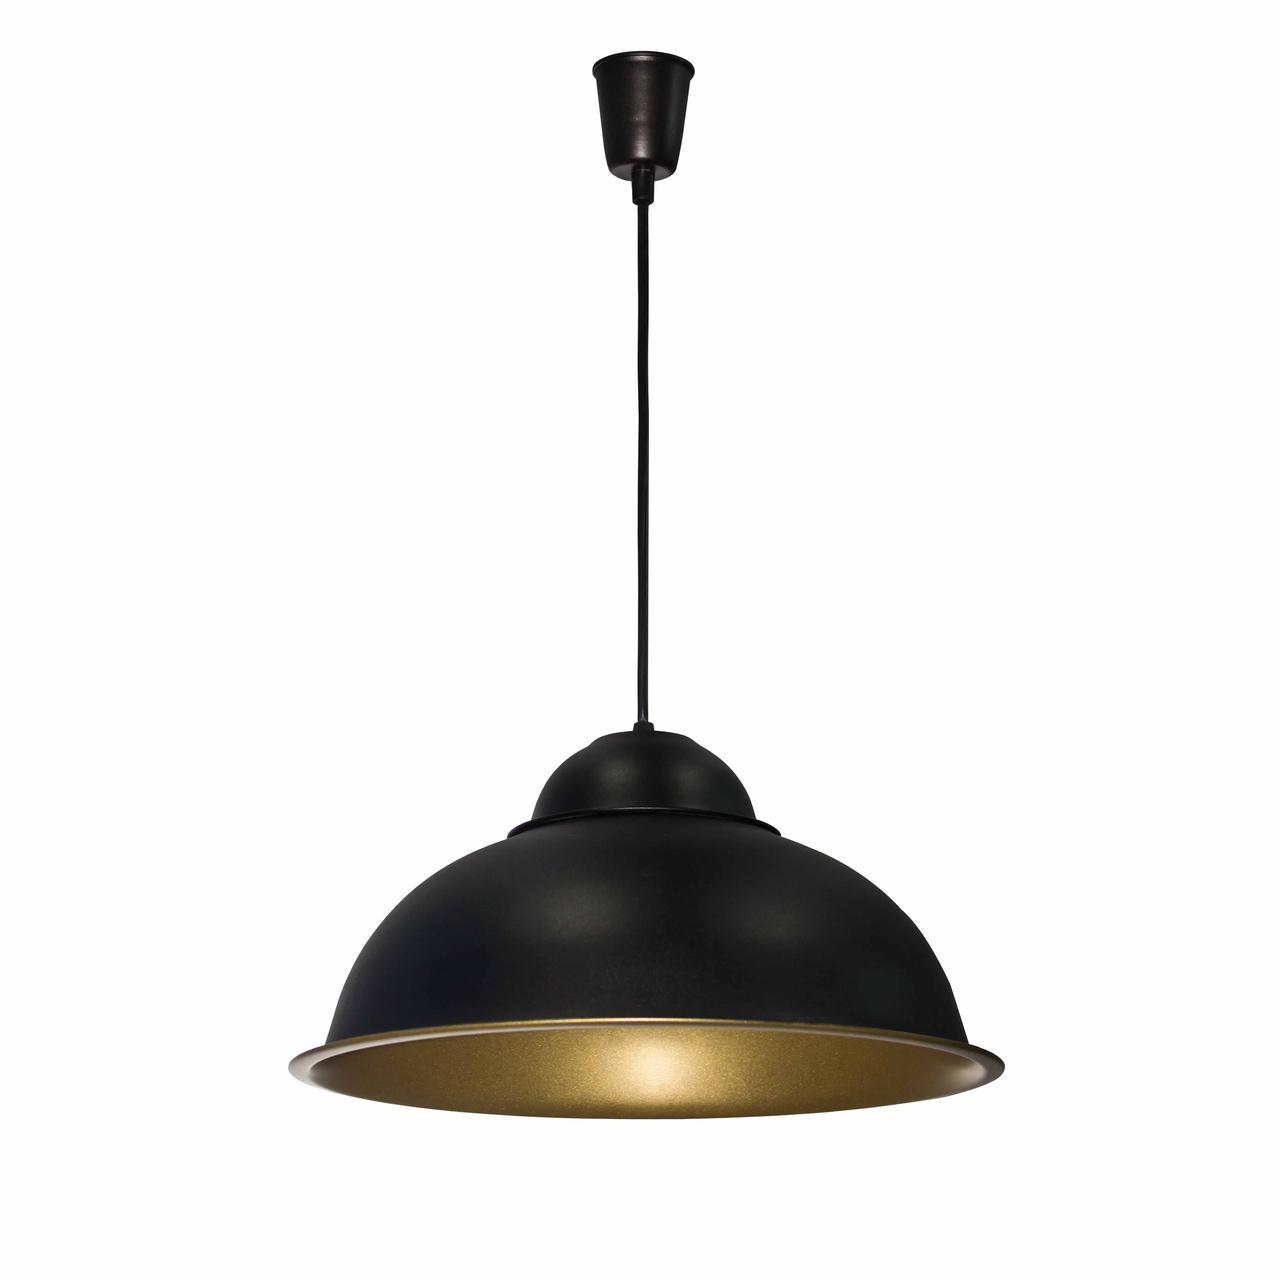 Светильник подвесной в стиле лофт  Купол   СП 3614 BK+GD MSK Electric